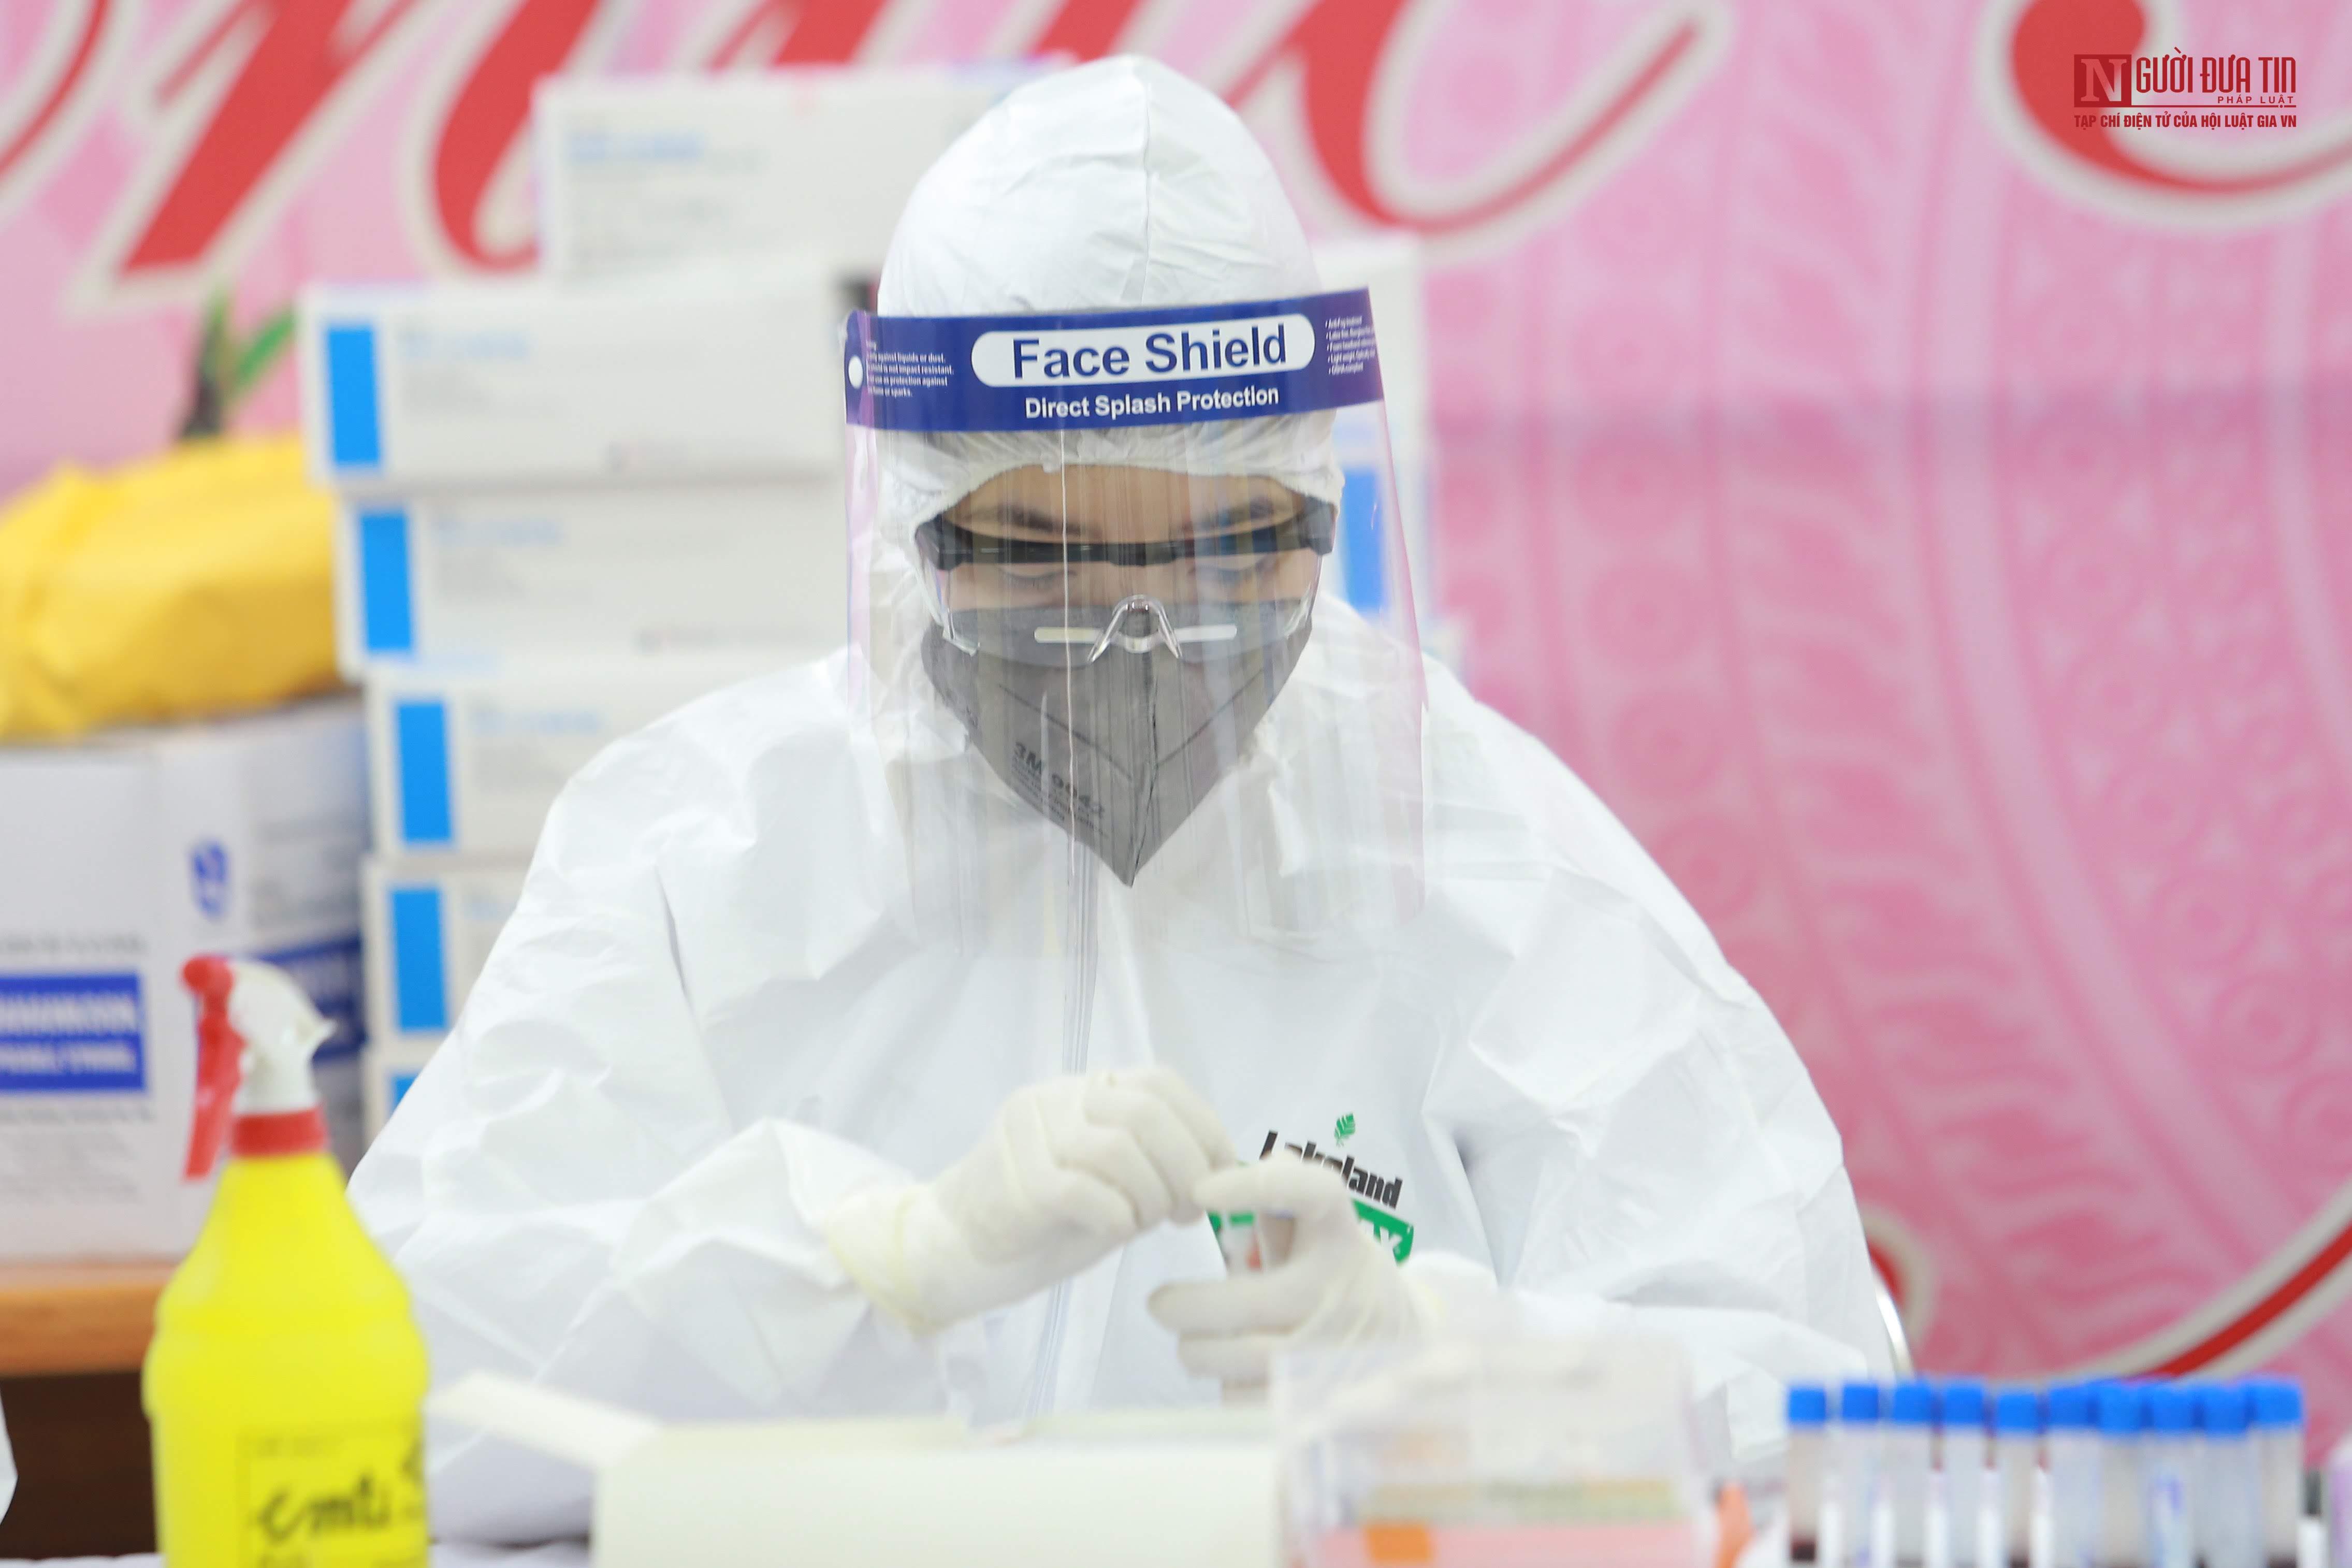 Test nhanh phát hiện 4 mẫu dương tính Covid-19 tại chợ hoa Mê Linh - Ảnh 1